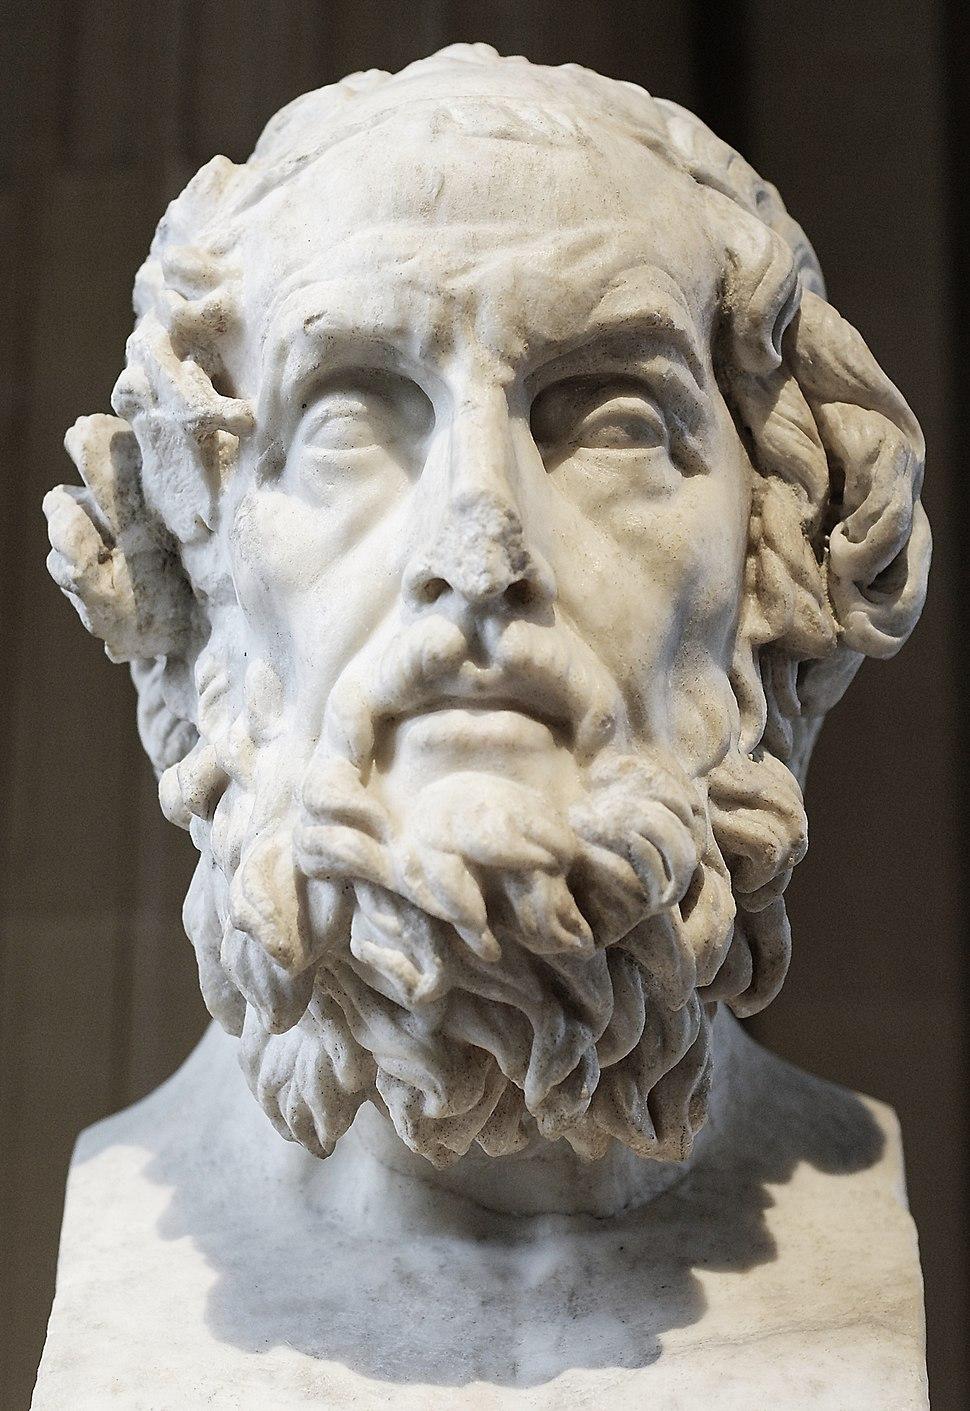 Homeros Caetani Louvre Ma440 n2